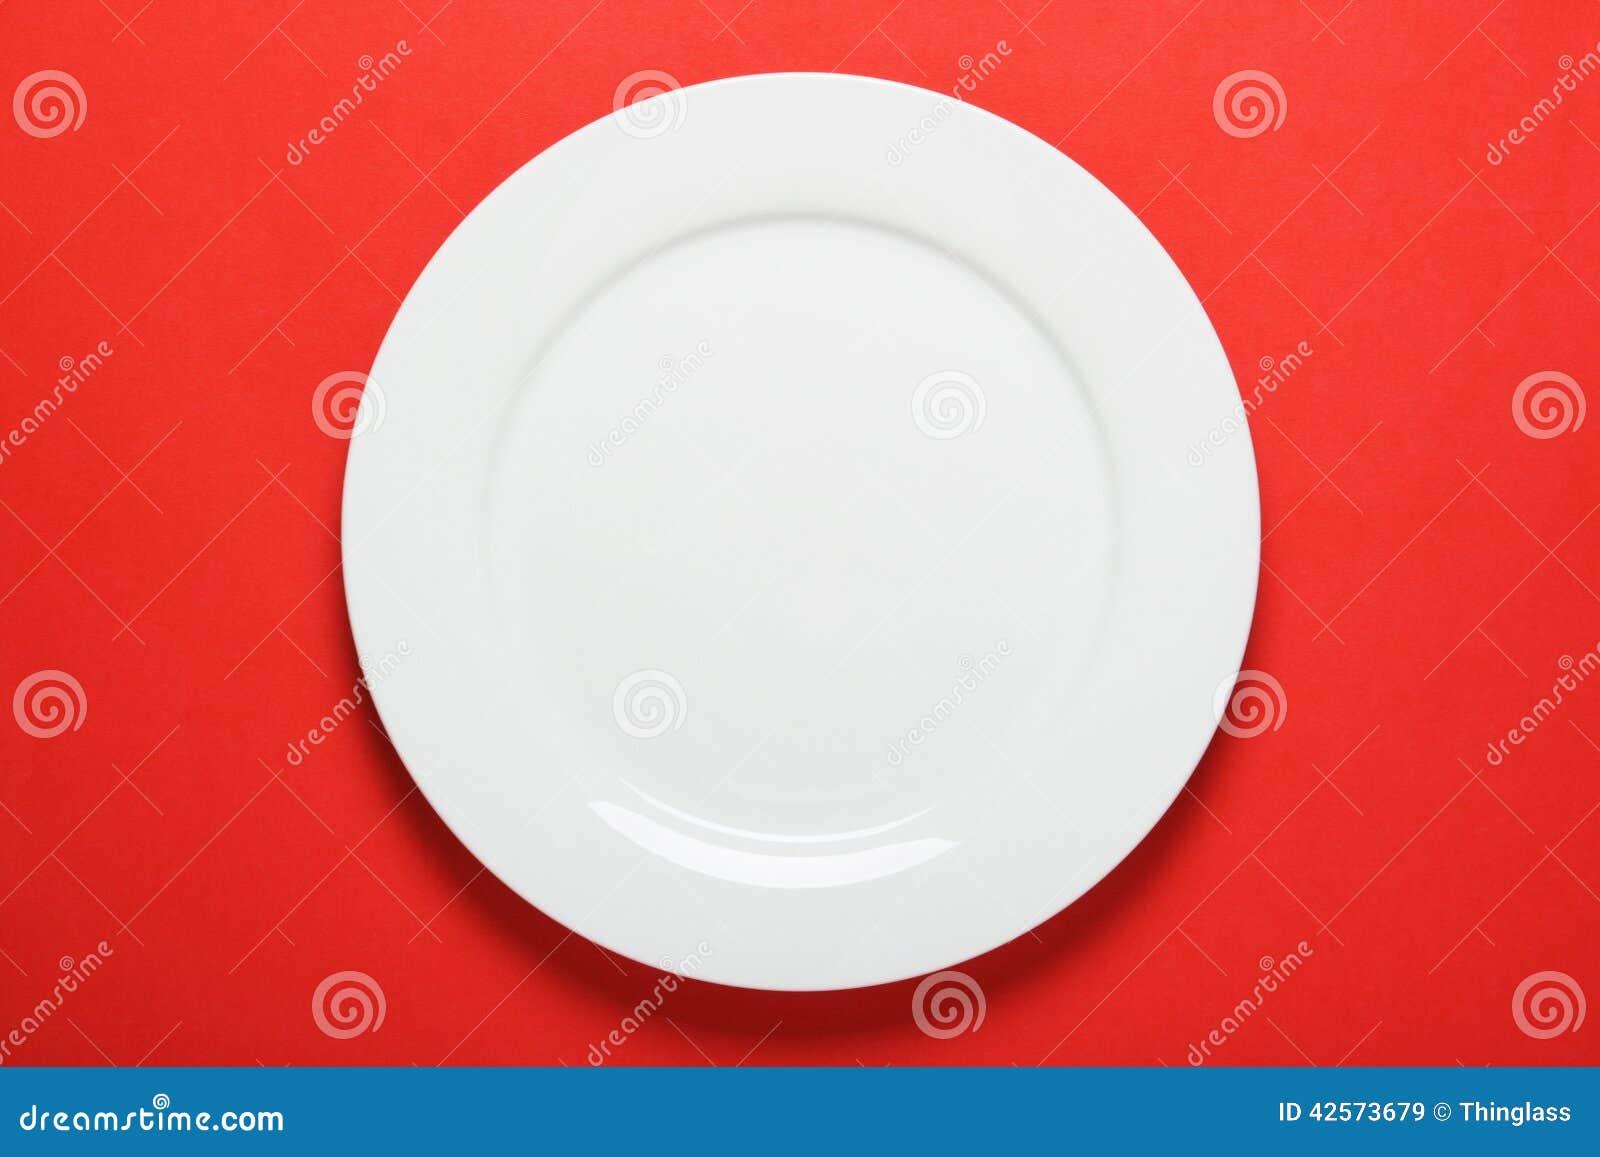 White Dinner Plate  sc 1 st  Dreamstime.com & White Dinner Plate stock image. Image of empty plain - 42573679